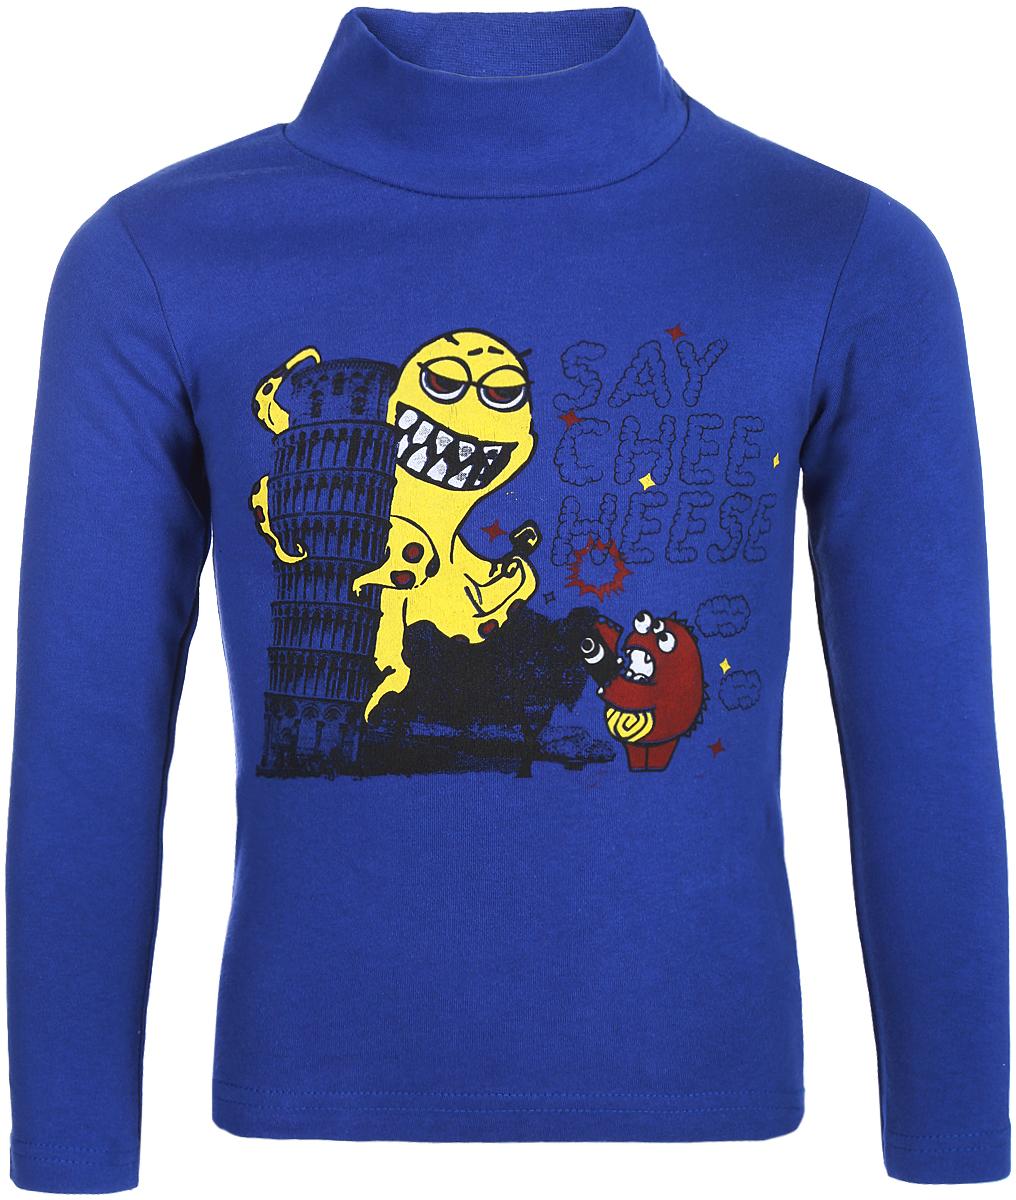 Водолазка для мальчика Arge Fashion, цвет: синий. MRM-15B-42 7003-4. Размер 128MRM-15B-42 7003-4Водолазка для мальчика Arge Fashion выполнена из 100% хлопка. Модель имеет воротник гольф и длинные рукава, на груди оформлена ярким принтом.